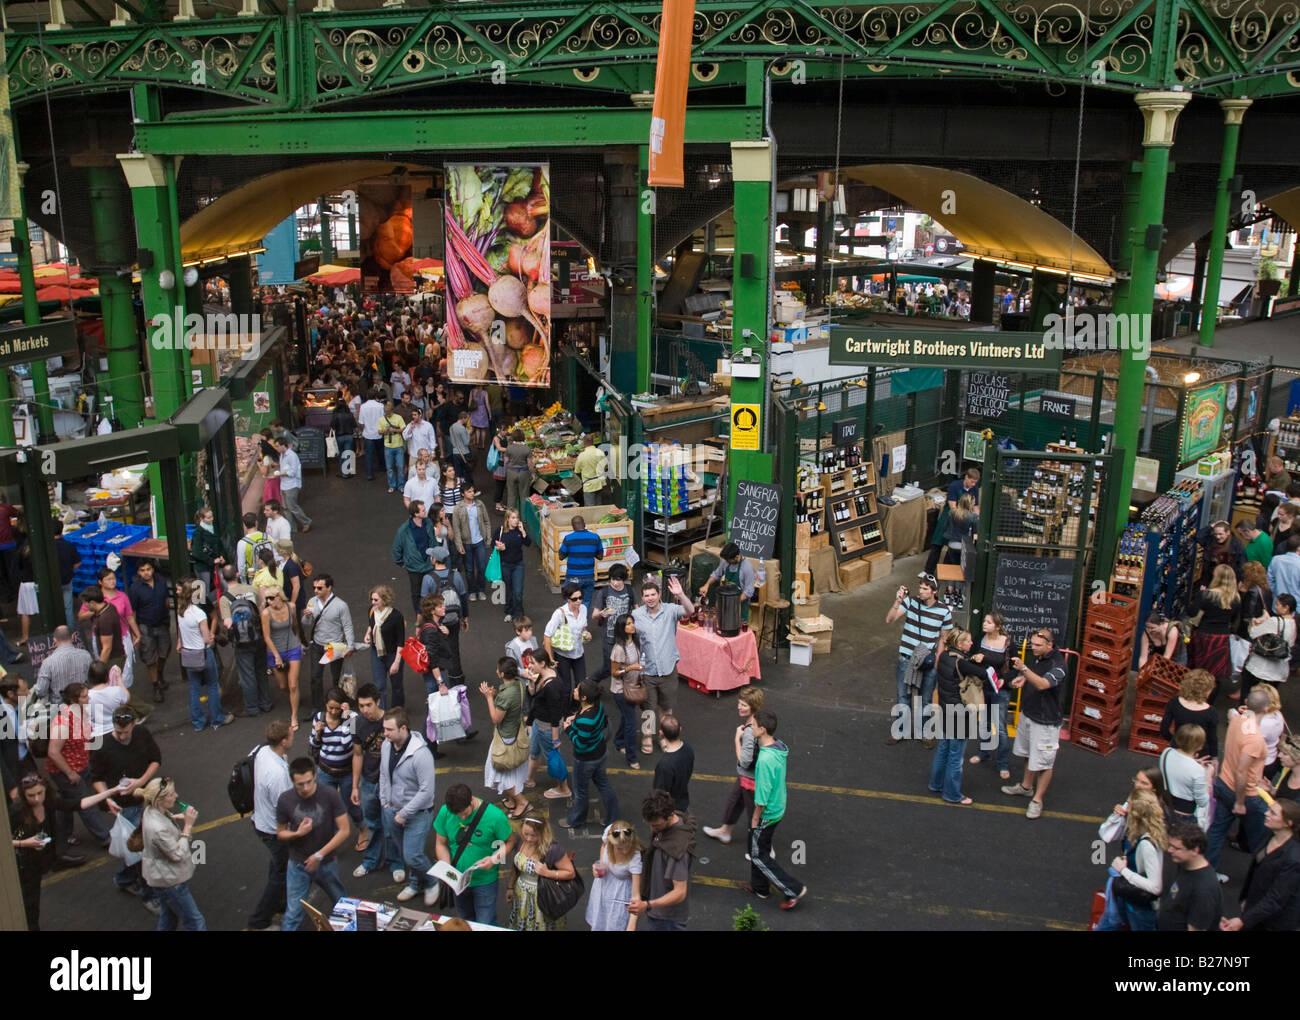 Borough Market - Southwark - London - Stock Image